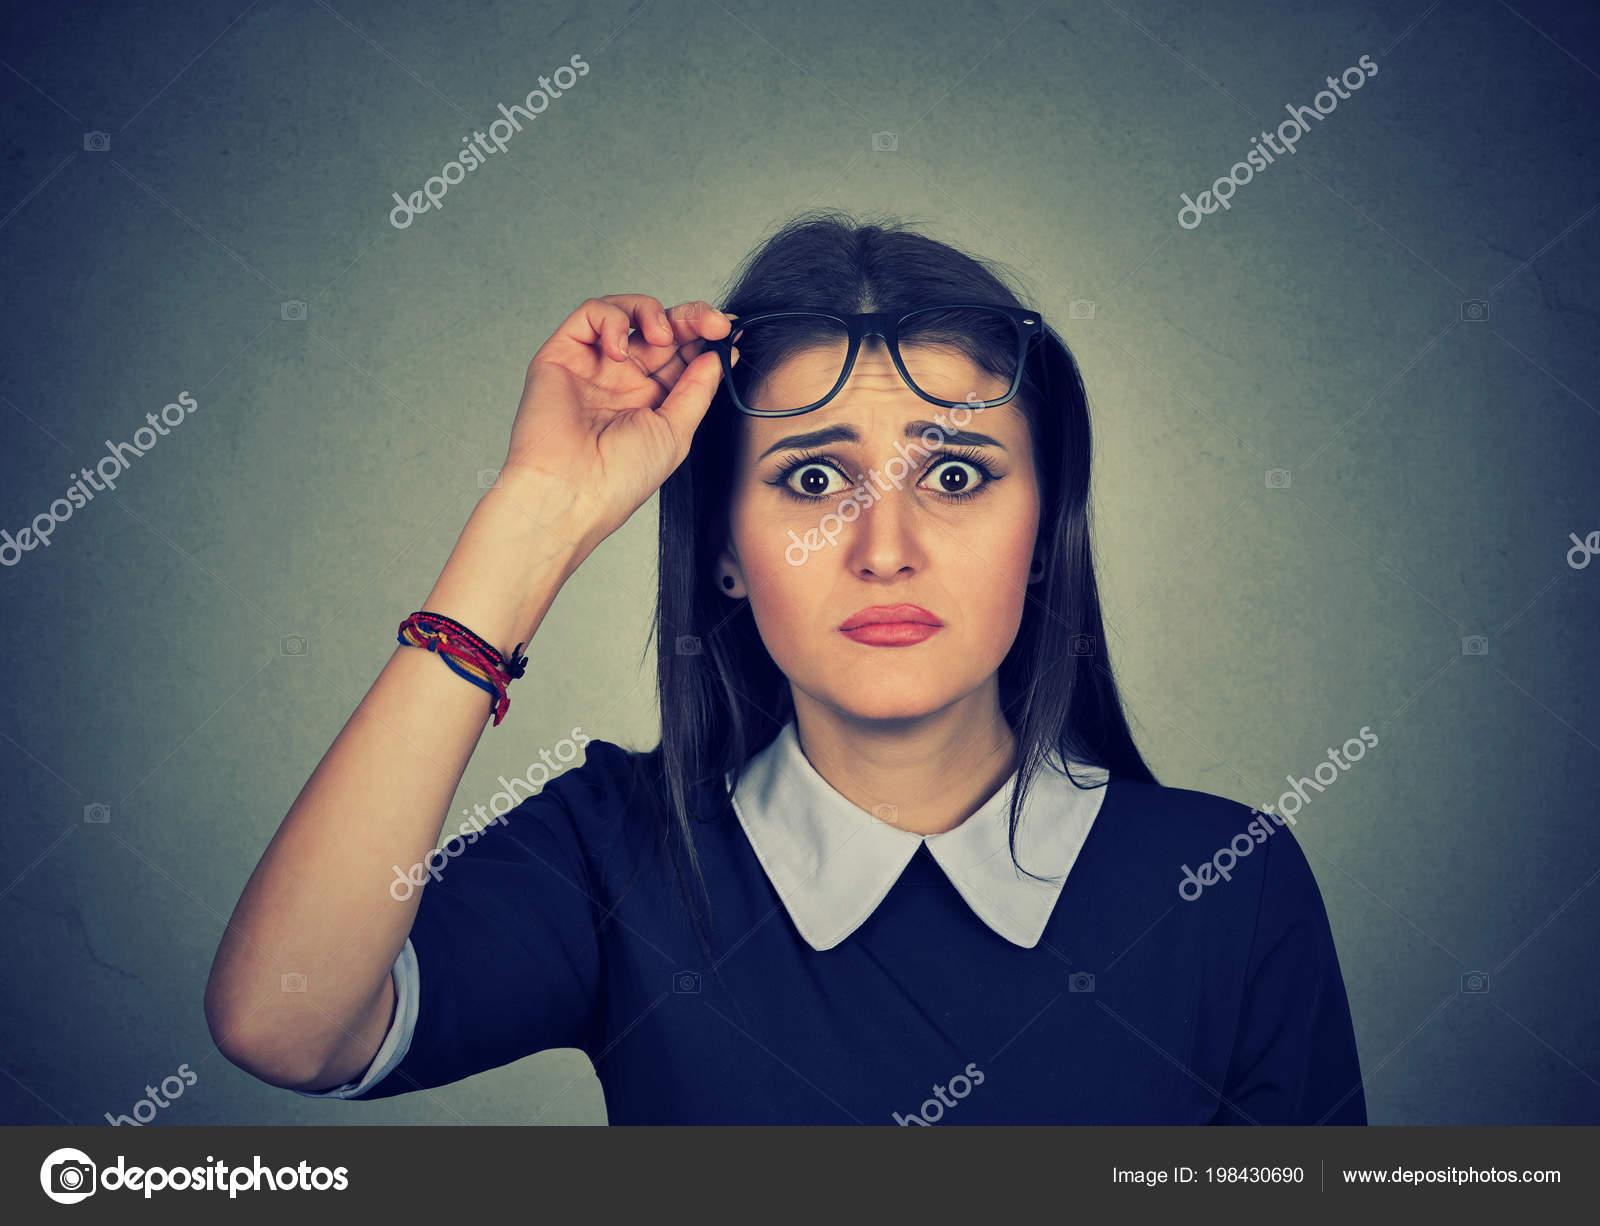 b161123c40 Bastante Joven Mujer Quitándose Anteojos Mirando Cámara Cuestión Tiene  Problemas– imagen de stock